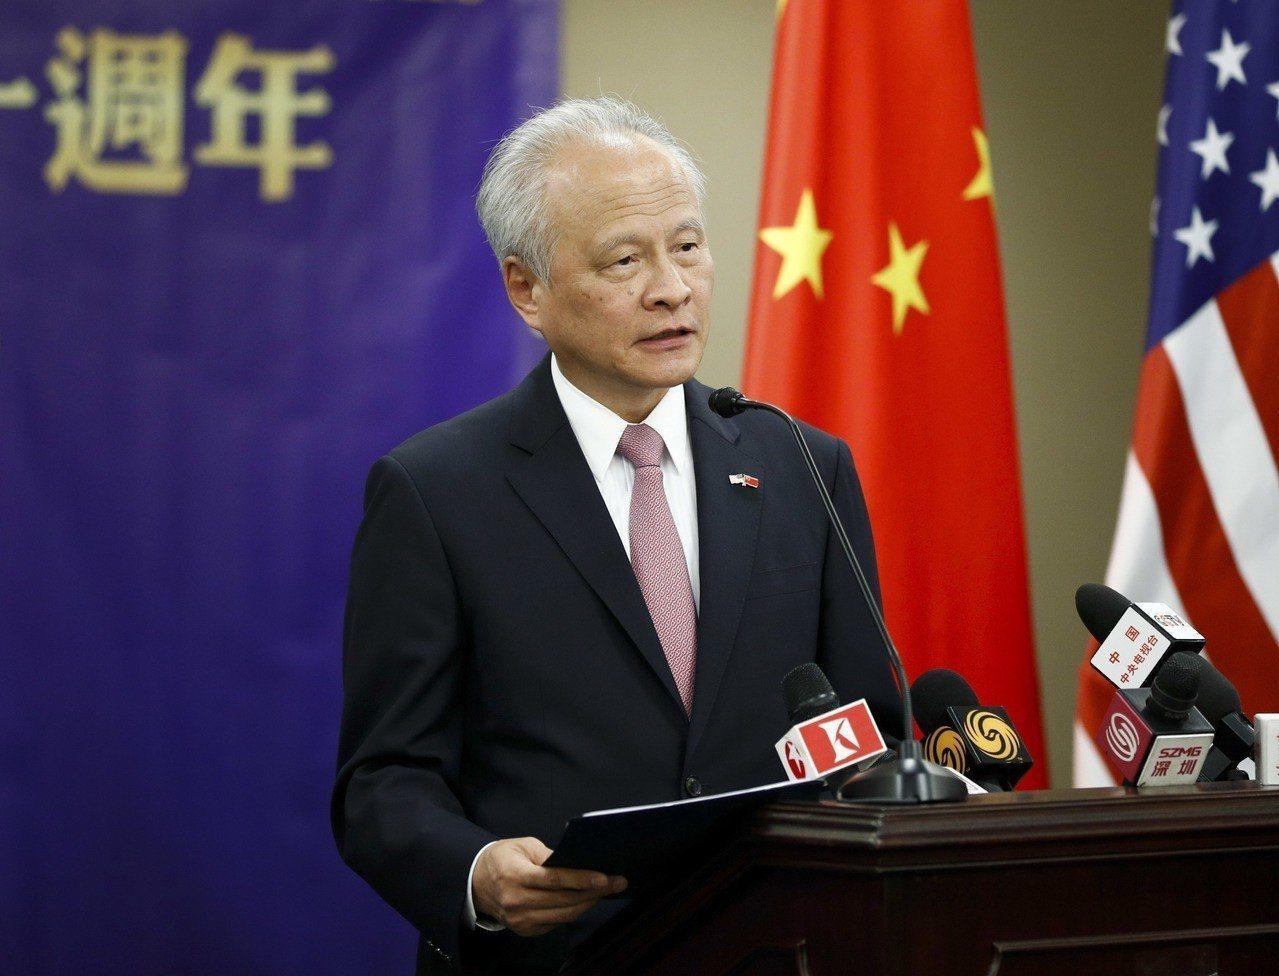 美國國務院16日起規定,中國大陸駐美外交官必須提前通報接觸對象。圖為中國大陸駐美...